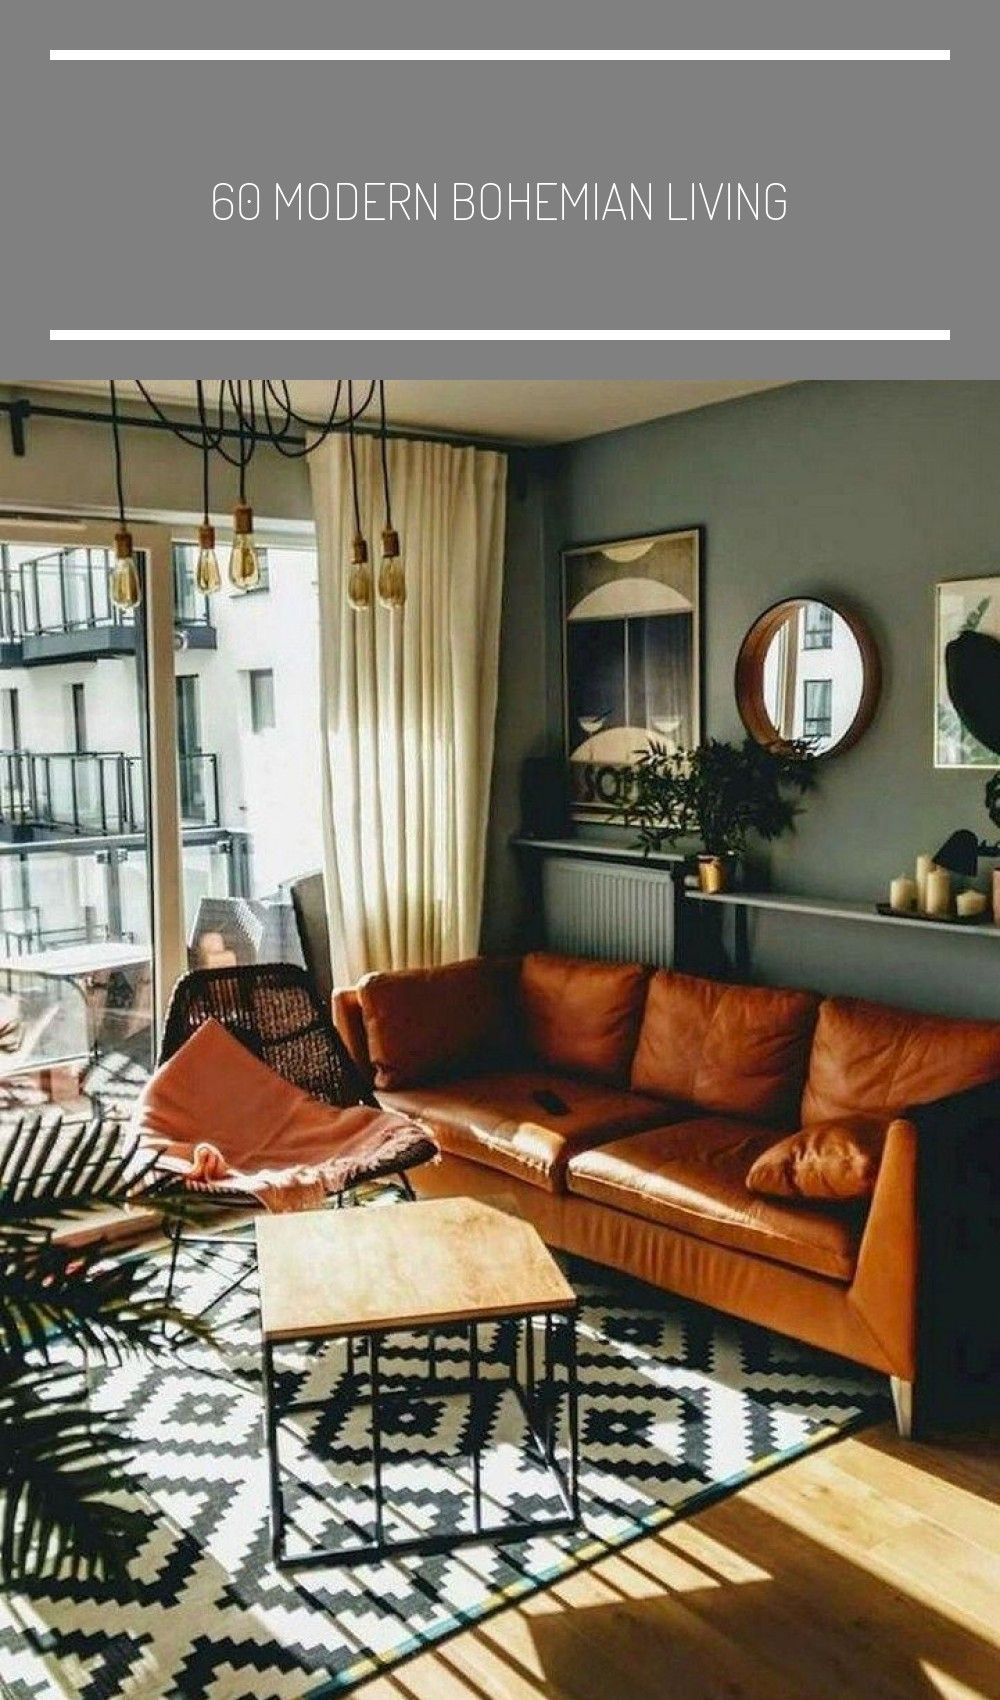 60 Modern Bohemian Living Room Inspiration Ideas 29 Design And Decoration Boholivingroom Boho Apa Living Room Green New Living Room Living Room Inspiration